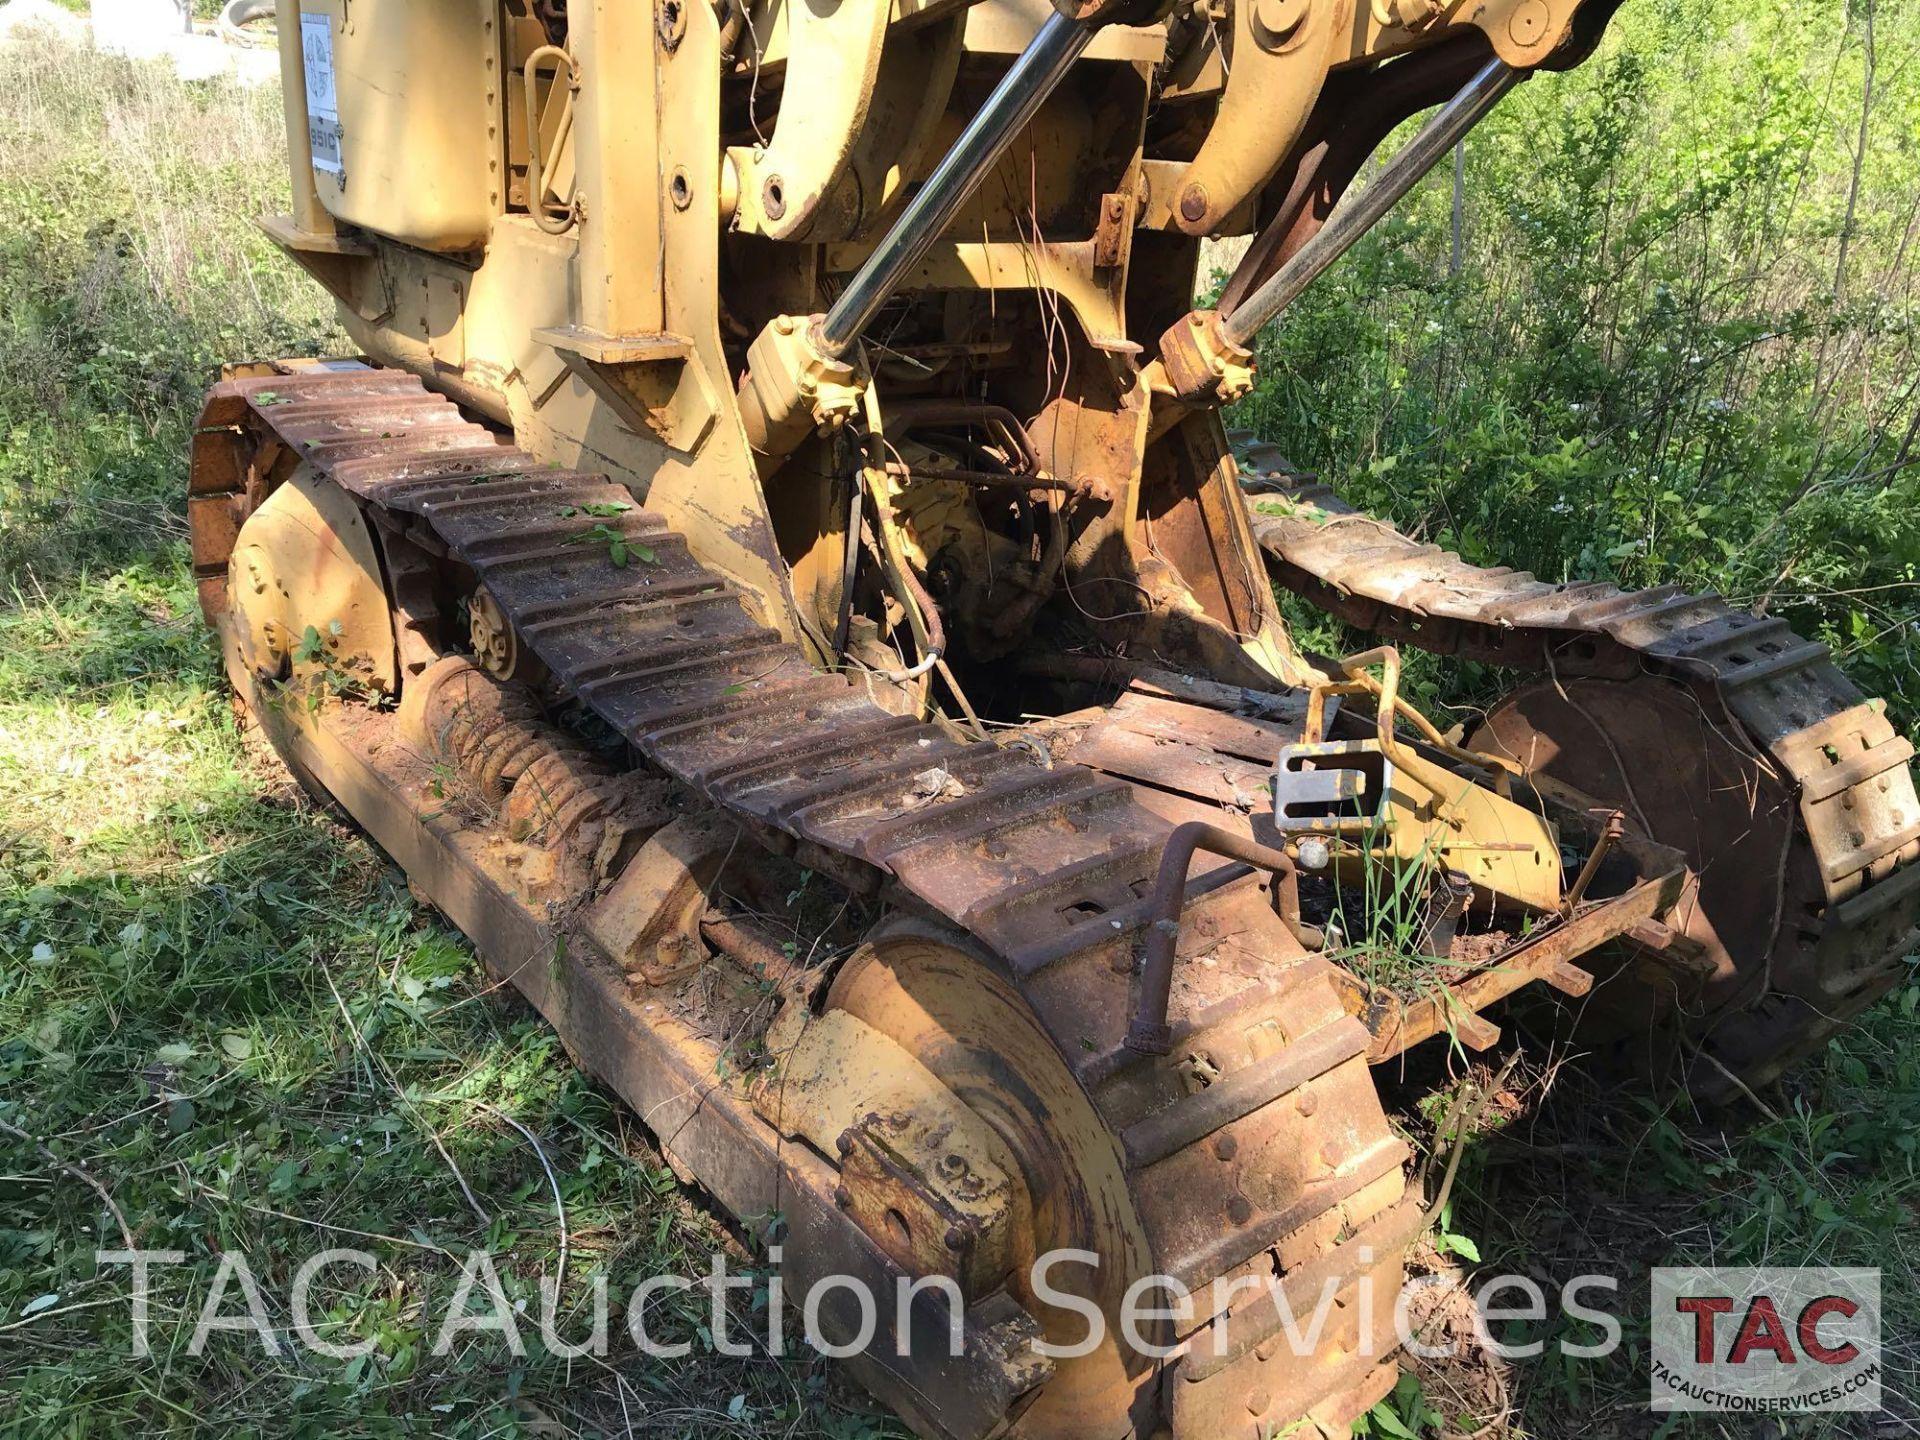 Cat 951c Track Loader - Image 6 of 40